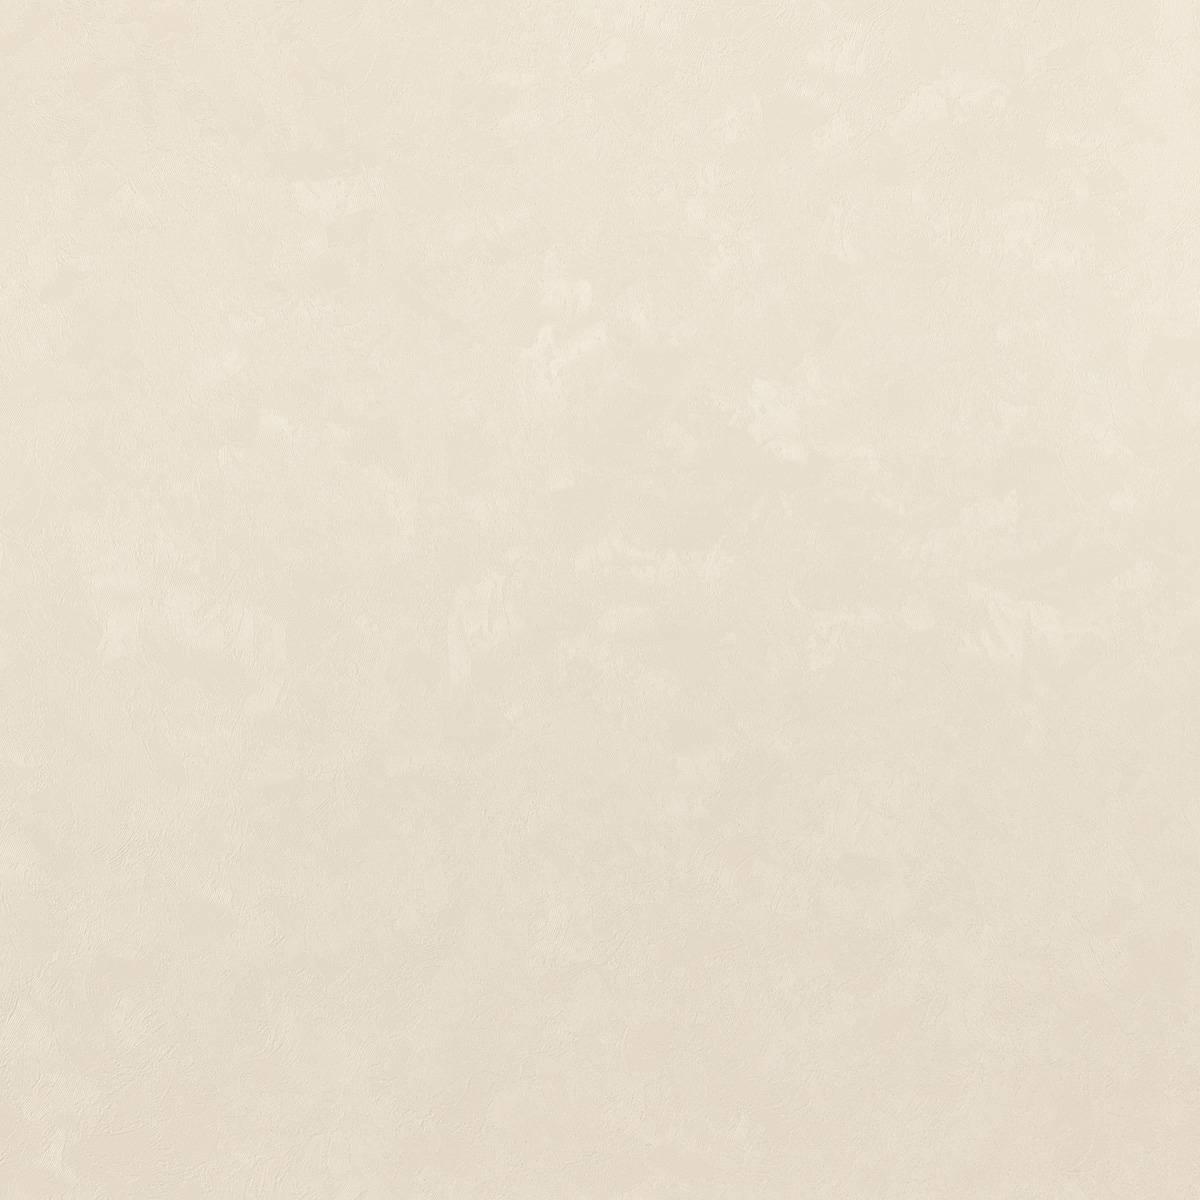 Стереоскопические обои 3д для стен: фото как смотрятся на стене, отзывы, цены » интер-ер.ру